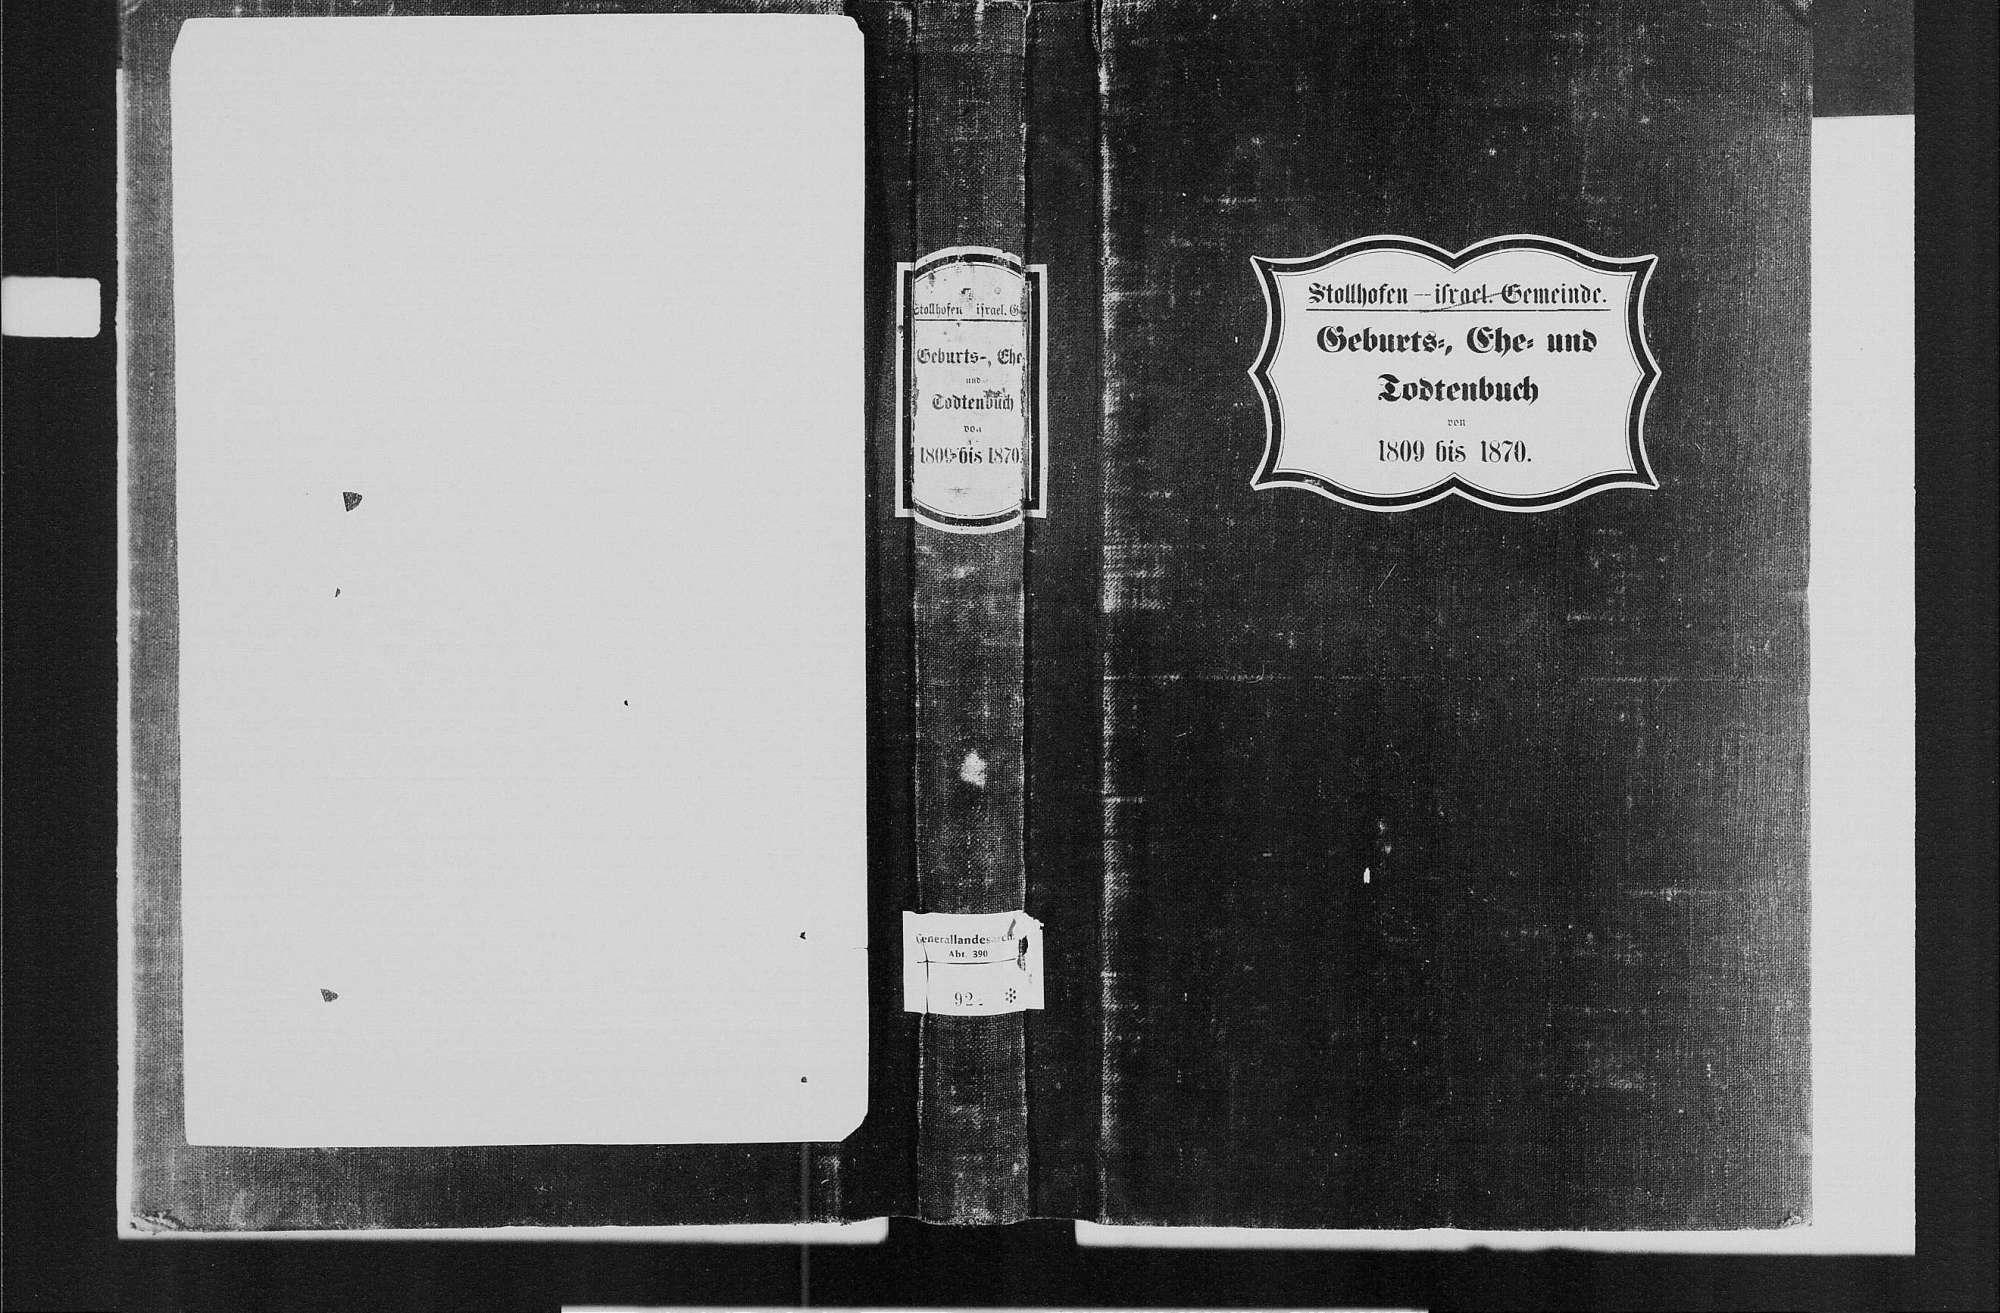 Stollhofen, israelitische Gemeinde: Standesbuch 1809-1870, Bild 1